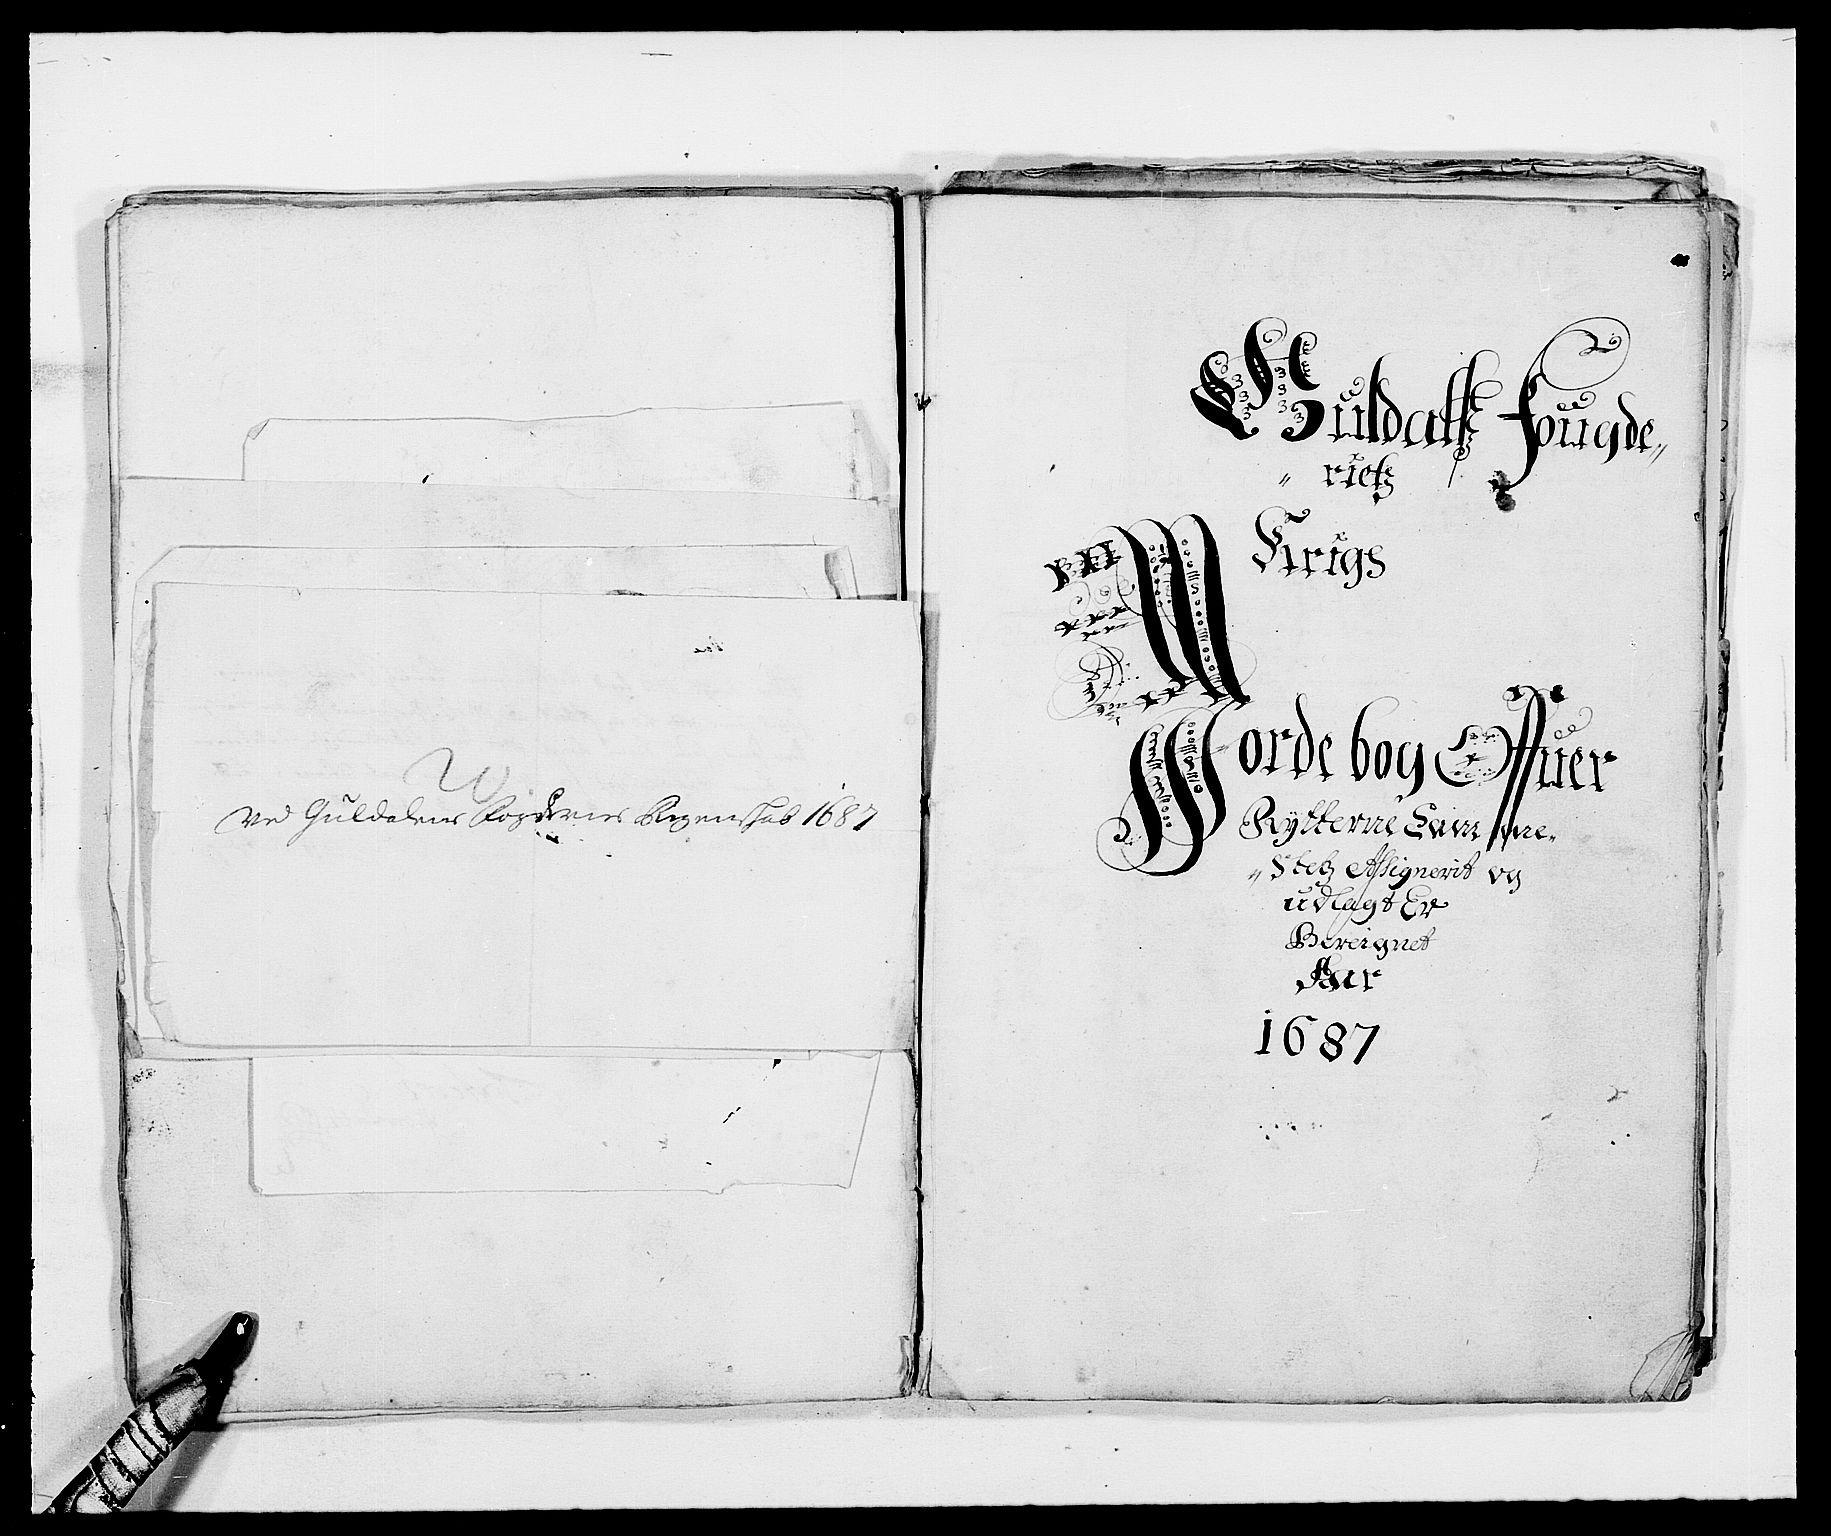 RA, Rentekammeret inntil 1814, Reviderte regnskaper, Fogderegnskap, R59/L3939: Fogderegnskap Gauldal, 1687-1688, s. 88